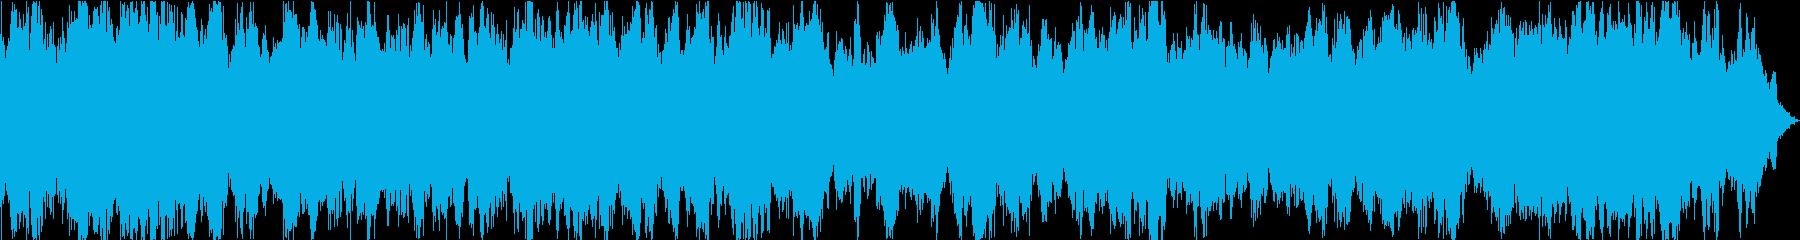 イメージ ライジングアンドライジング01の再生済みの波形